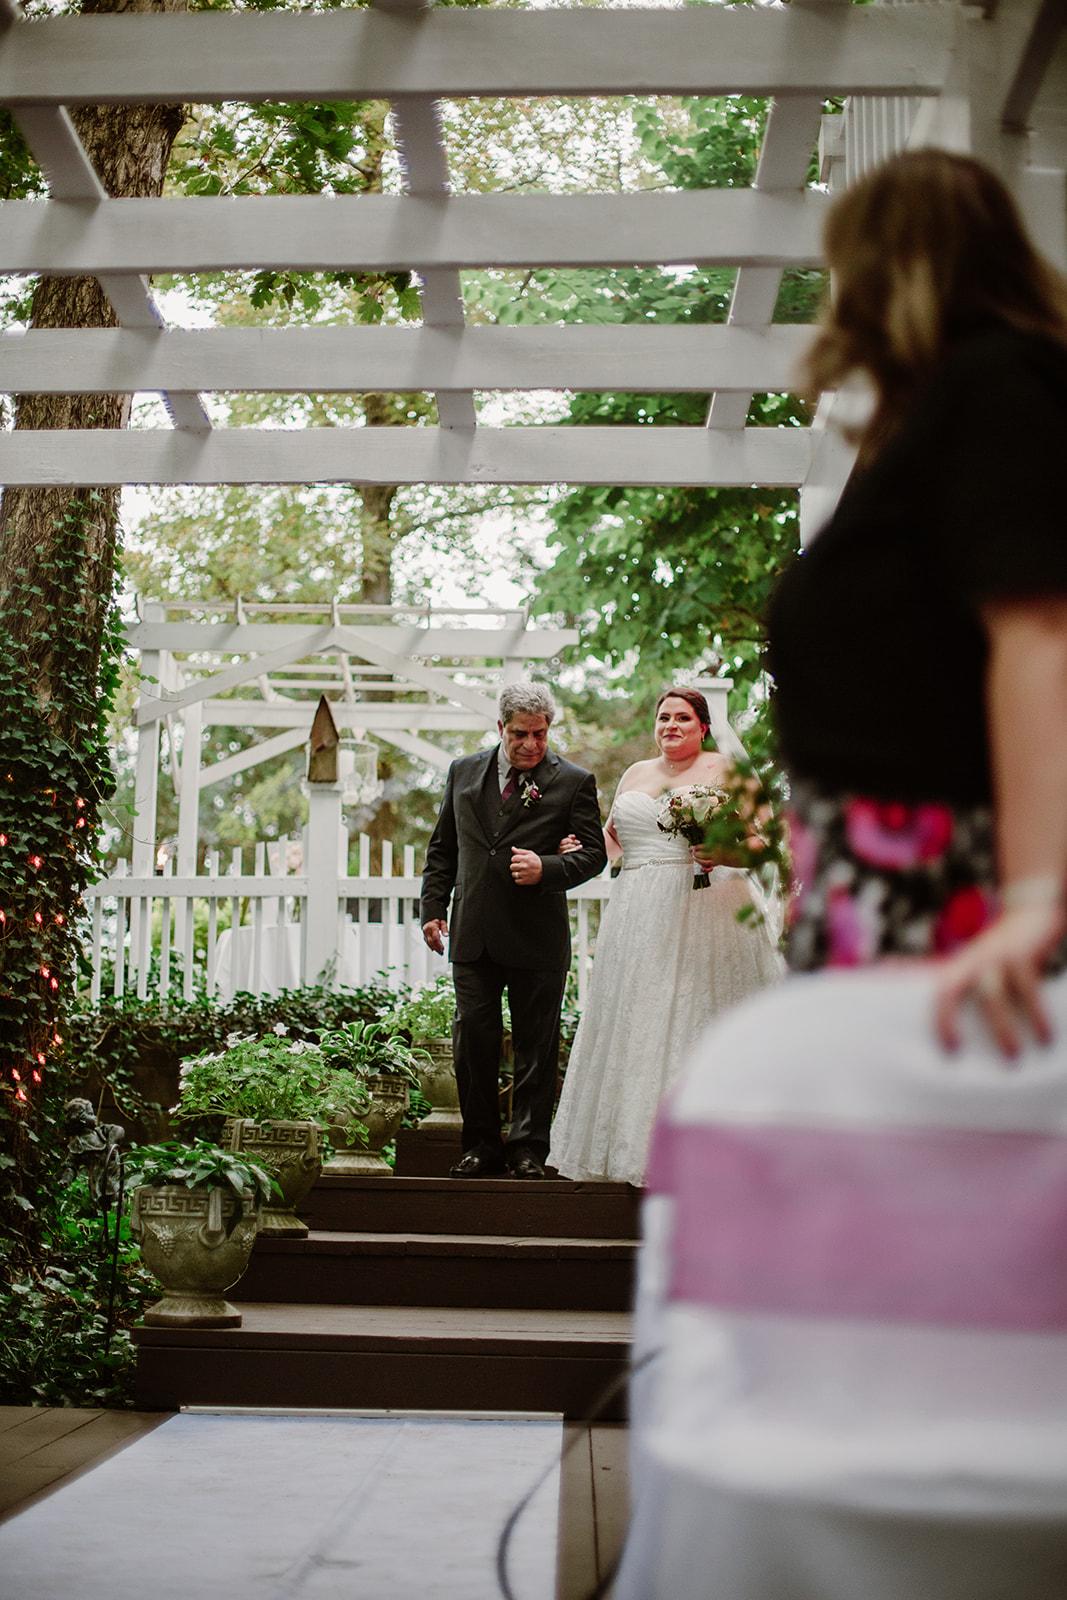 SarahMattozziPhotography-NicoleChris-GlenGardens-Ceremony-3.jpg